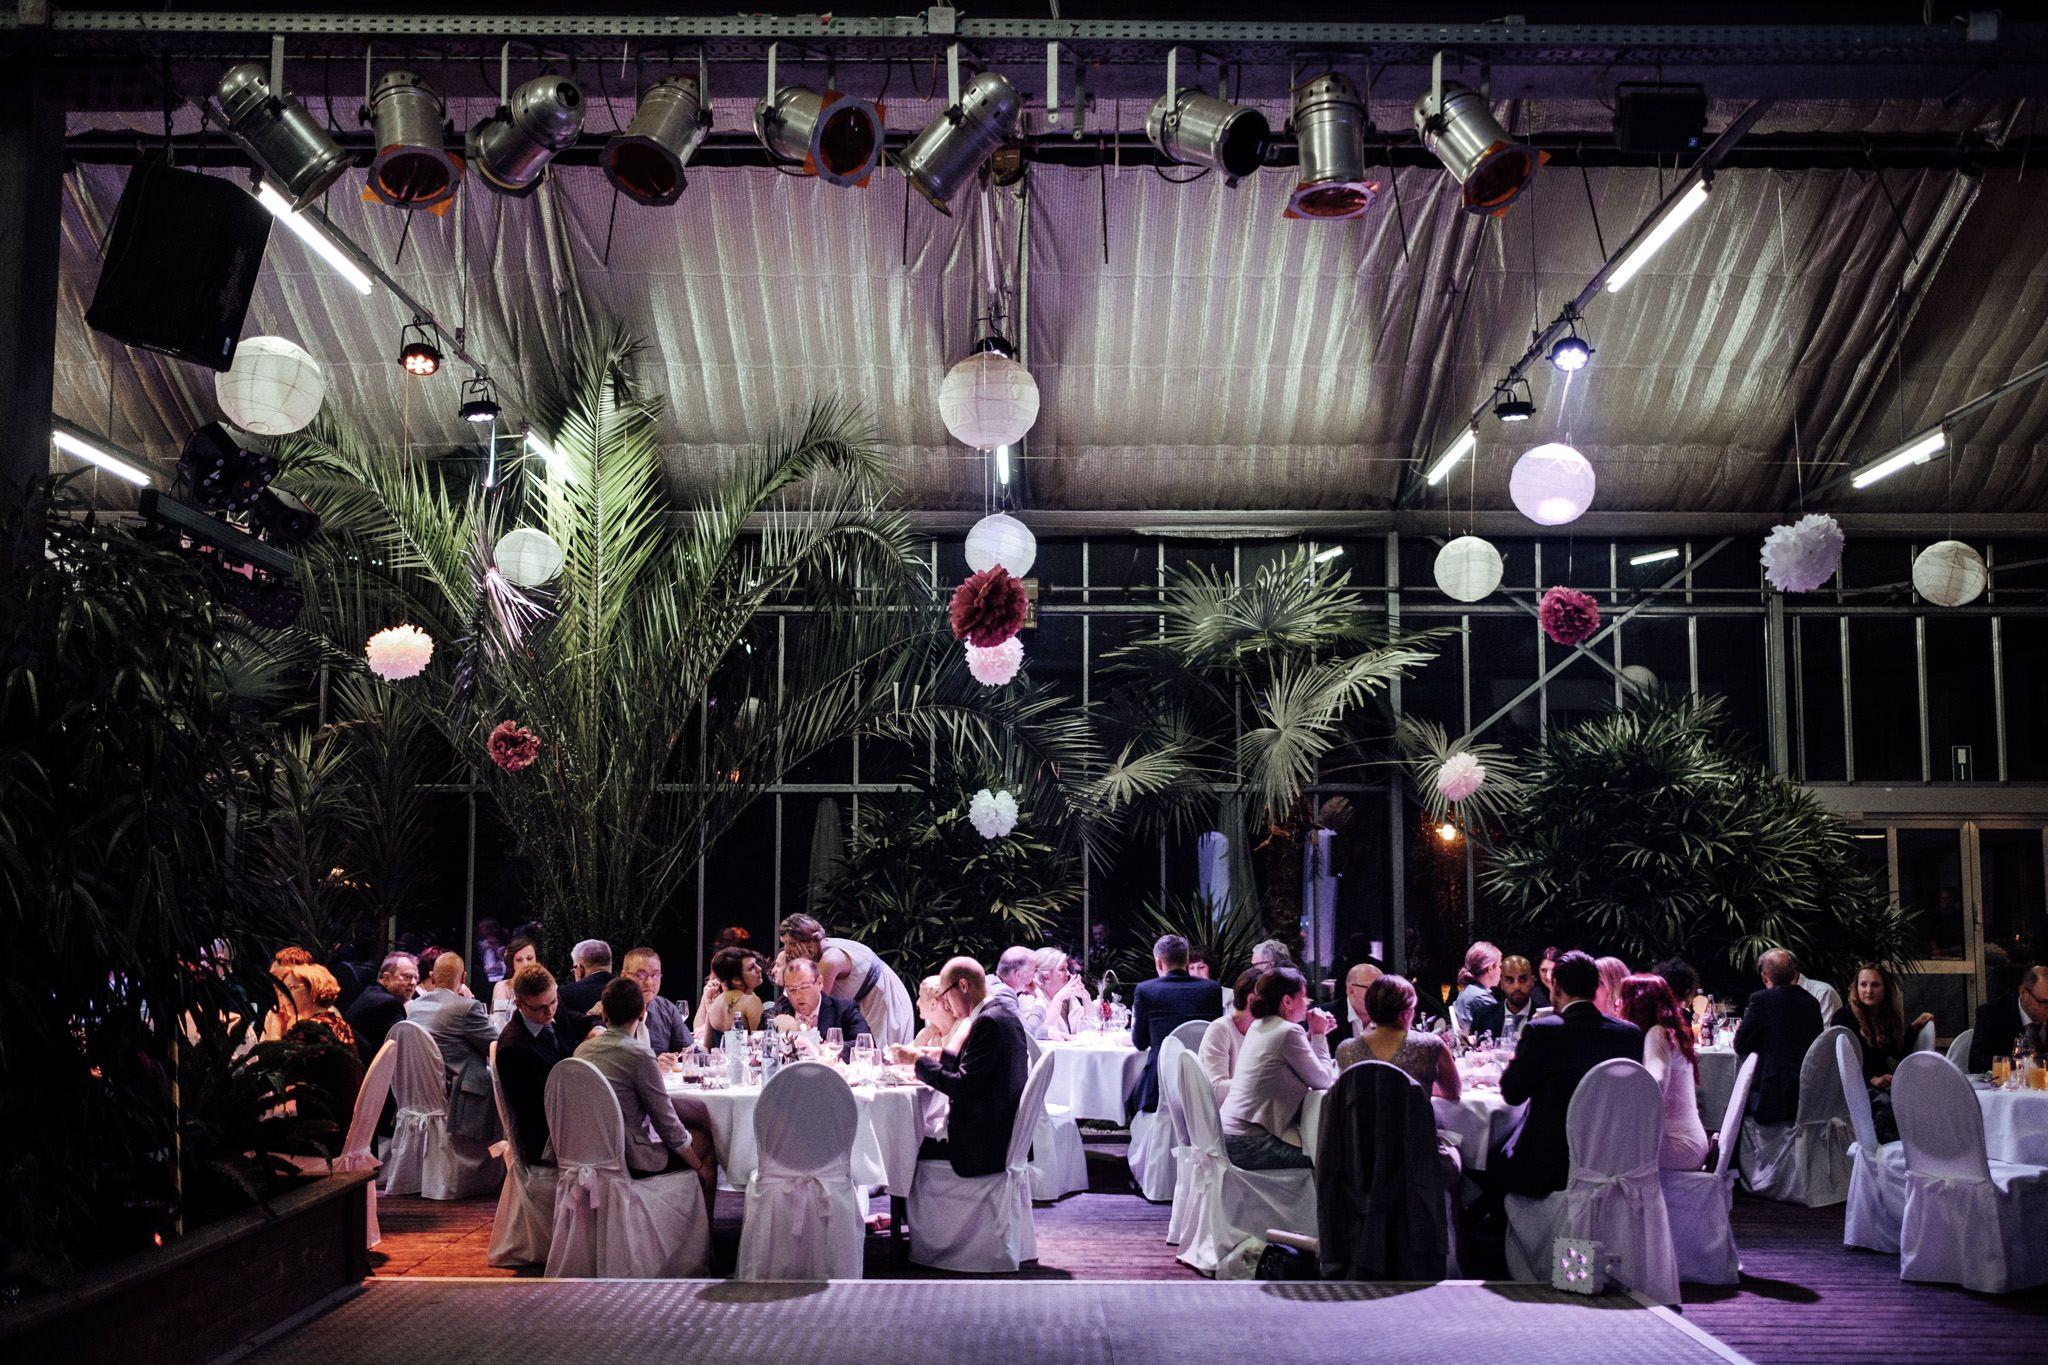 Aussergewohnliche Hochzeitslocation In Nrw Umringt Von Tropischen Pflanzen Blumenhalle In Julich Hoch Gewachshaus Hochzeit Hochzeit Hochzeitsfotograf